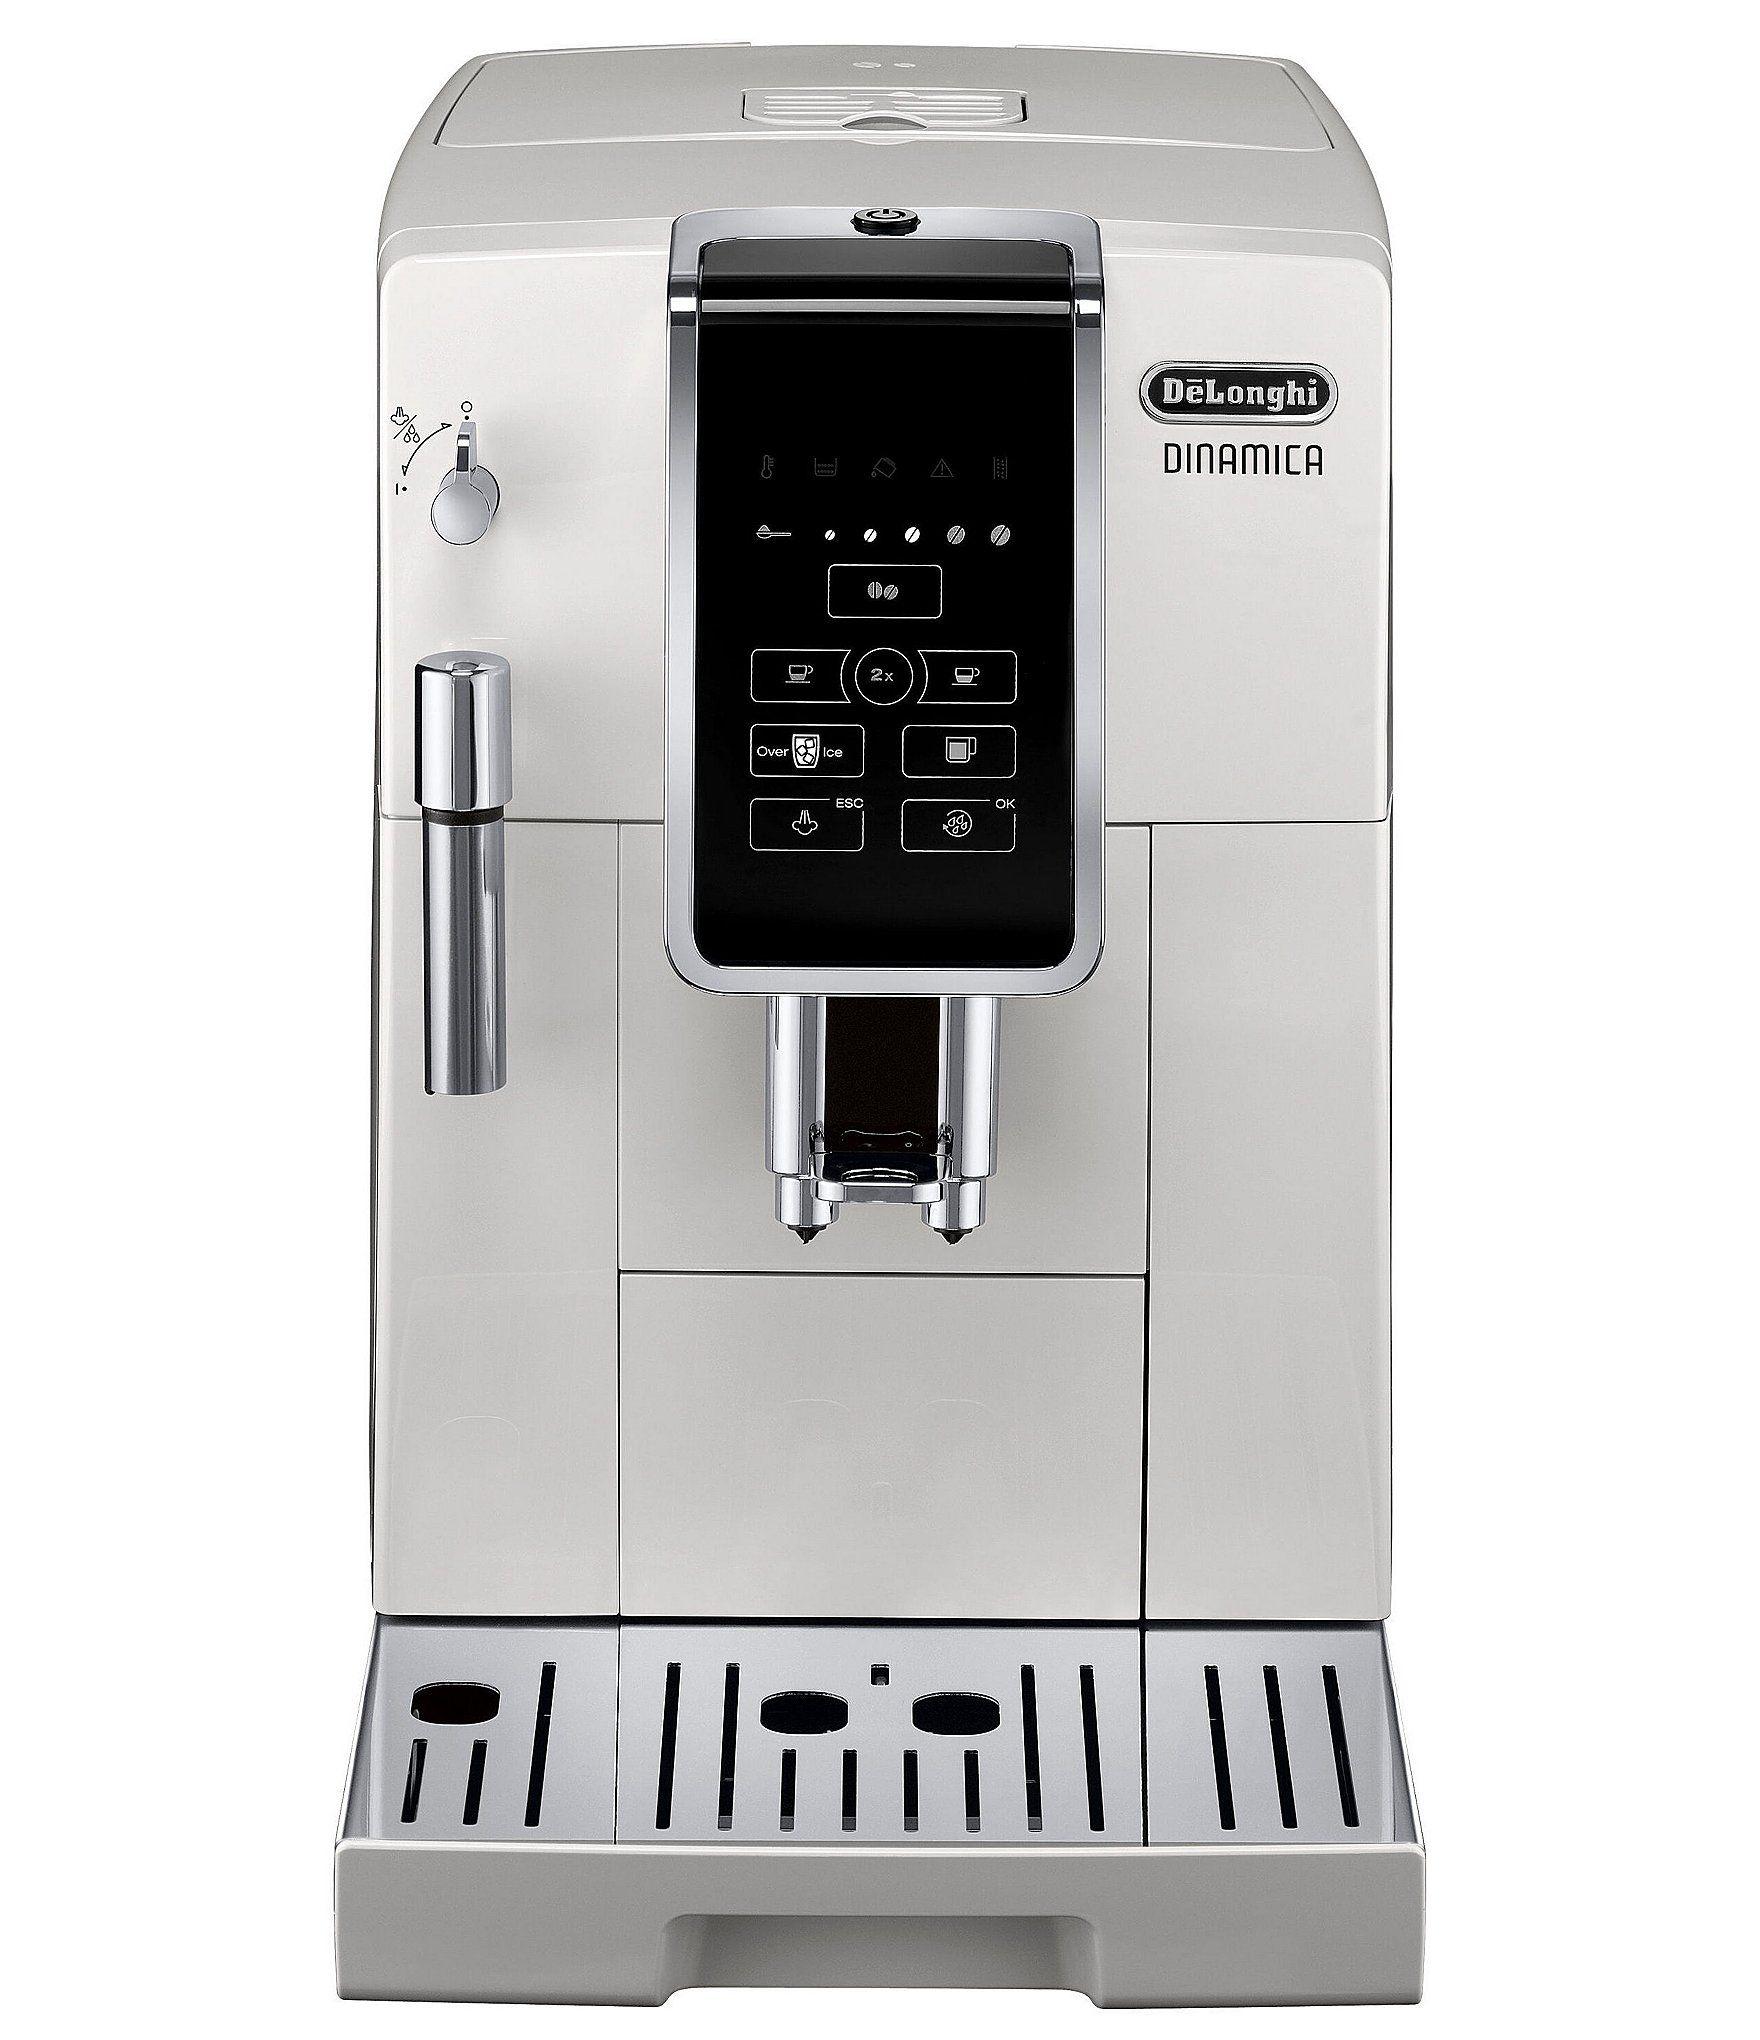 DeLonghi Dinamica Automatic Coffee & Espresso Machine